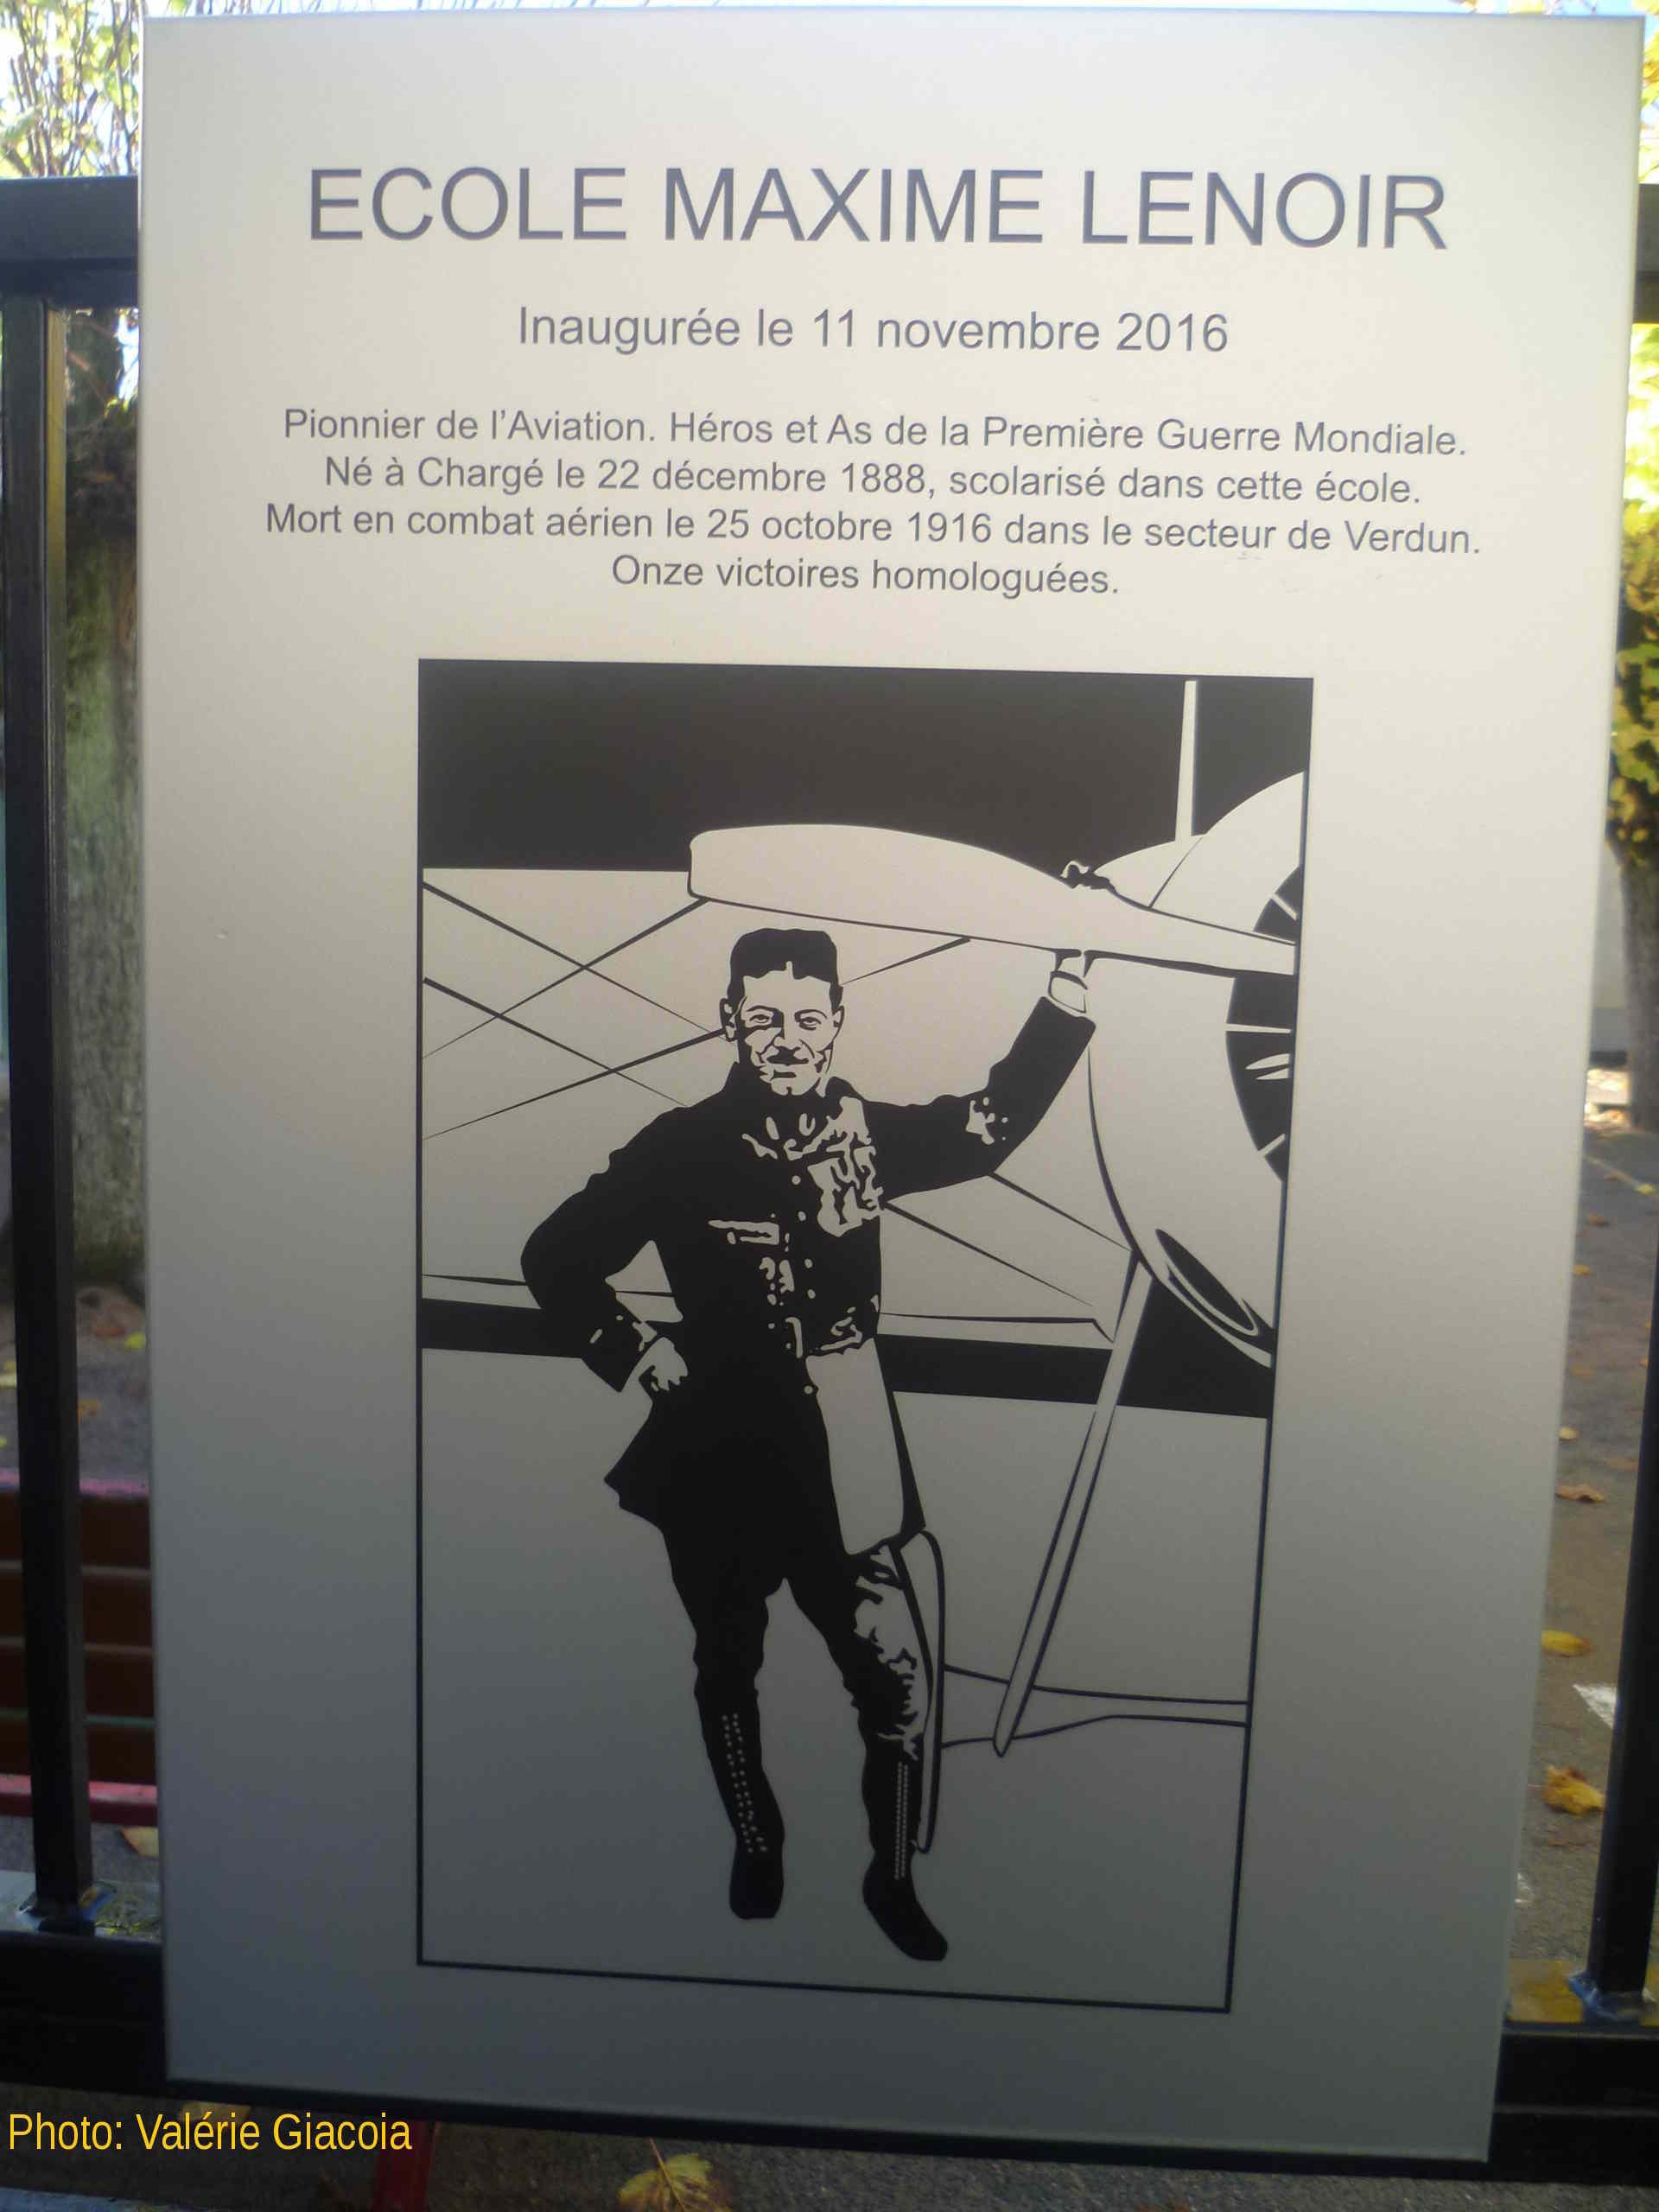 Commémoration Maxime Lenoir 11 novembre 2016 école